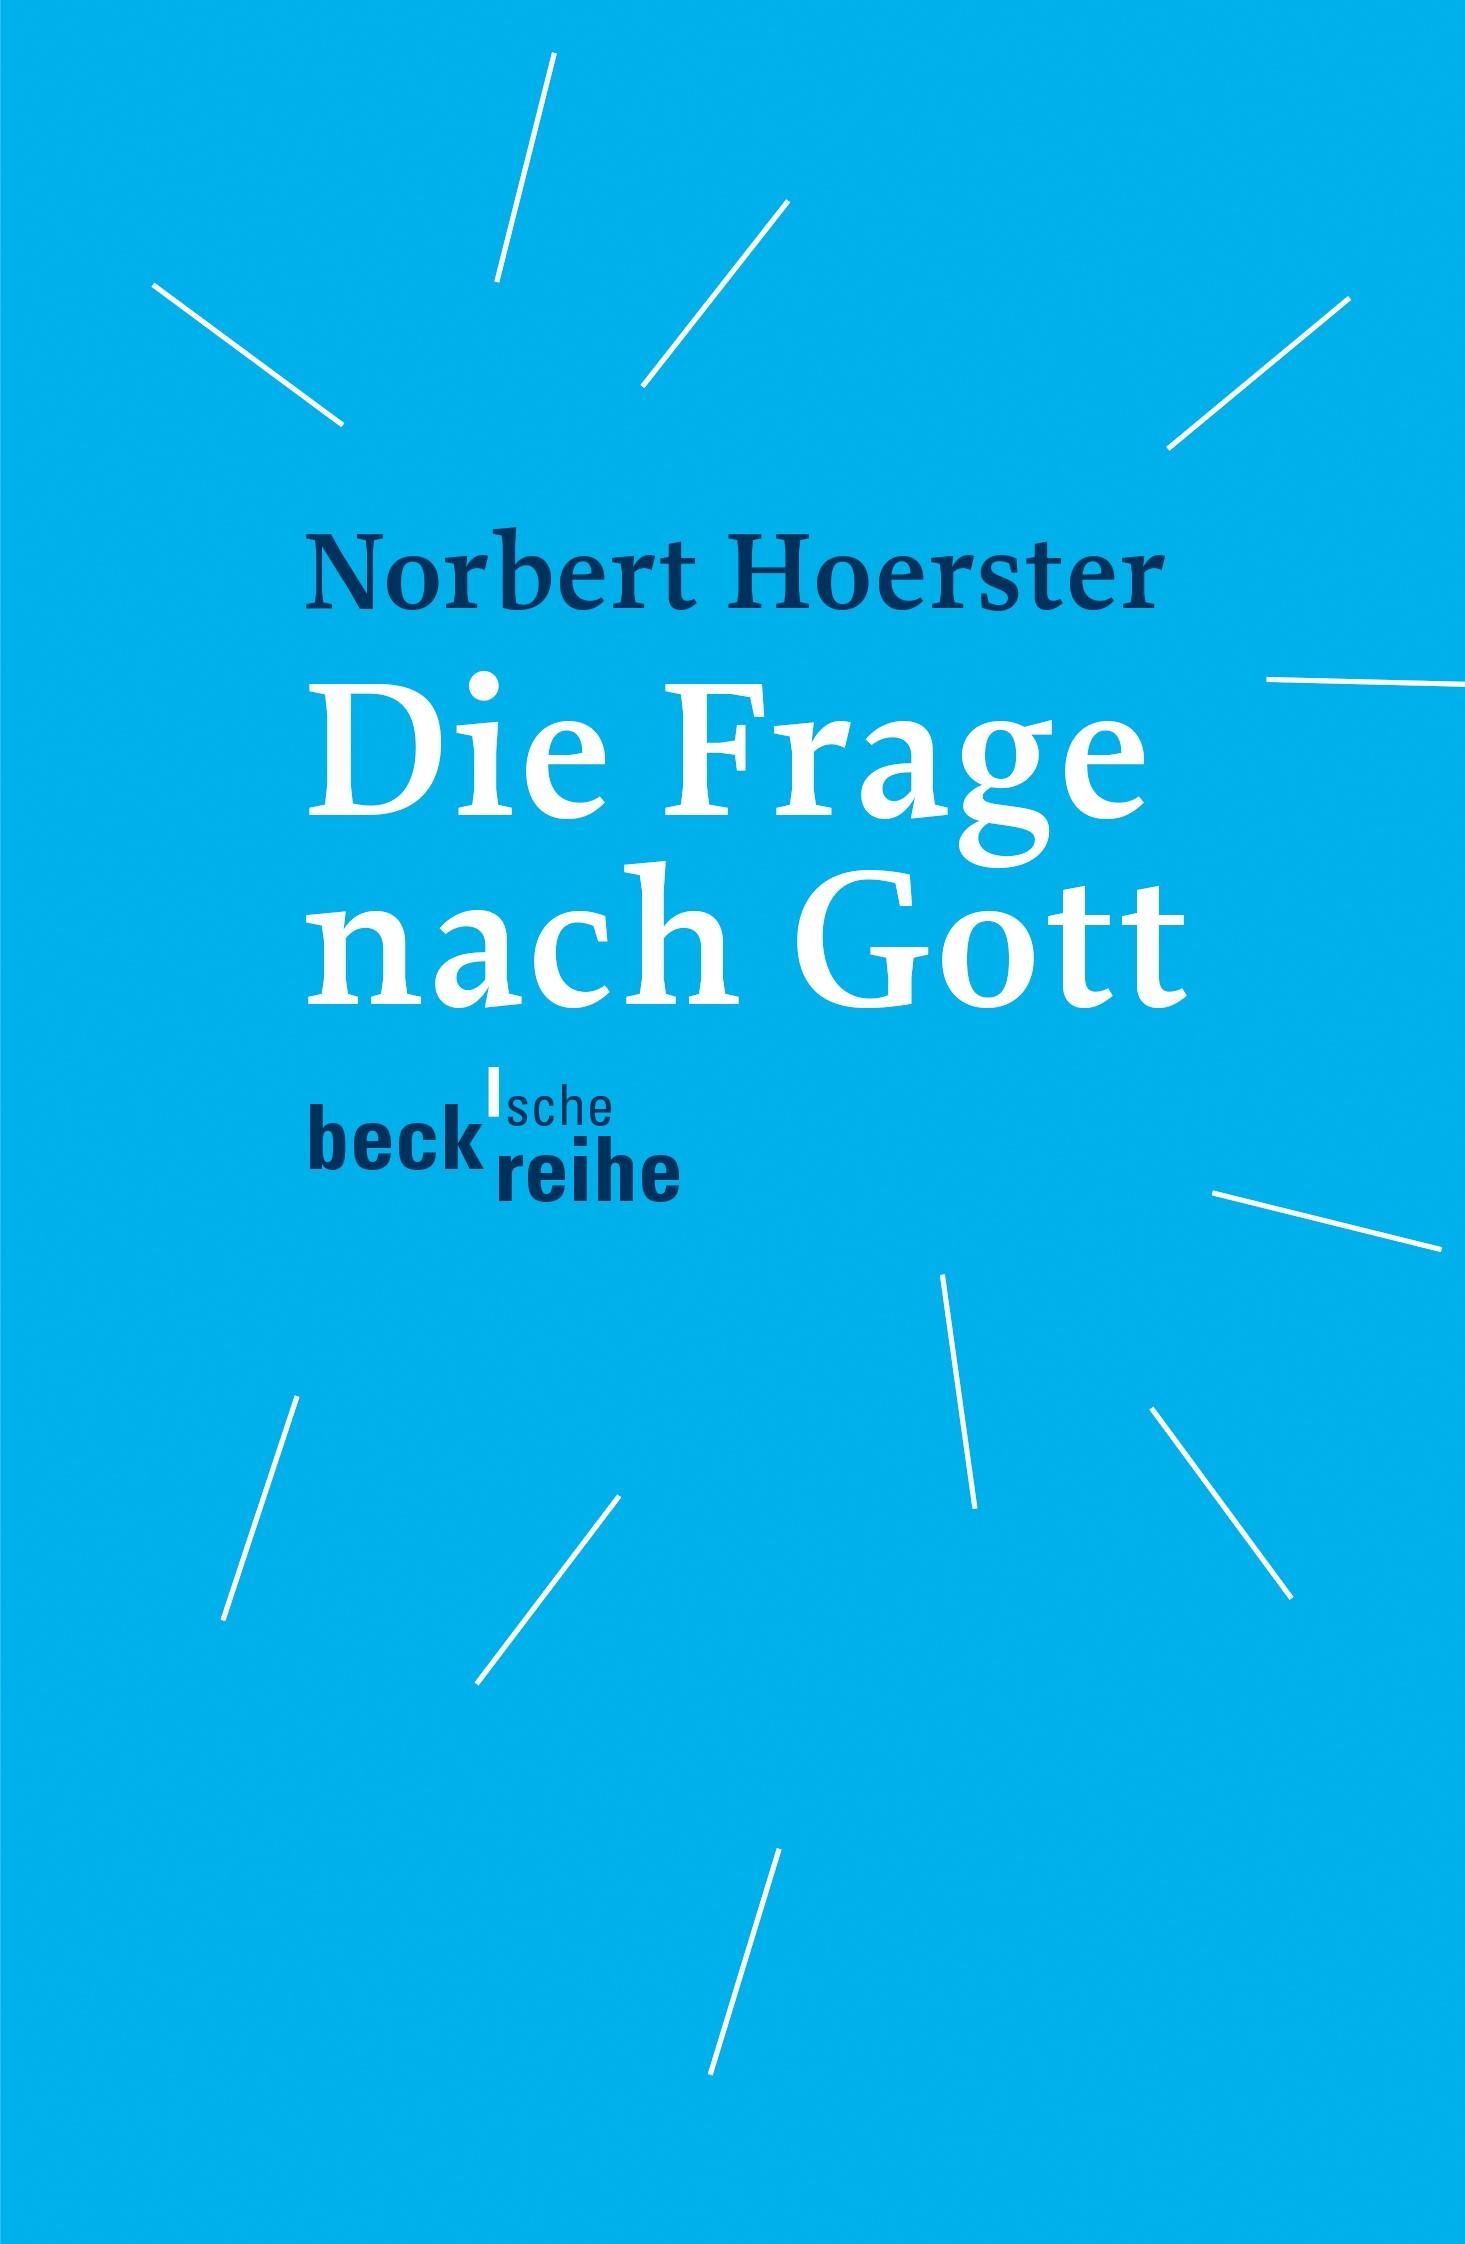 Cover des Buches 'Die Frage nach Gott'